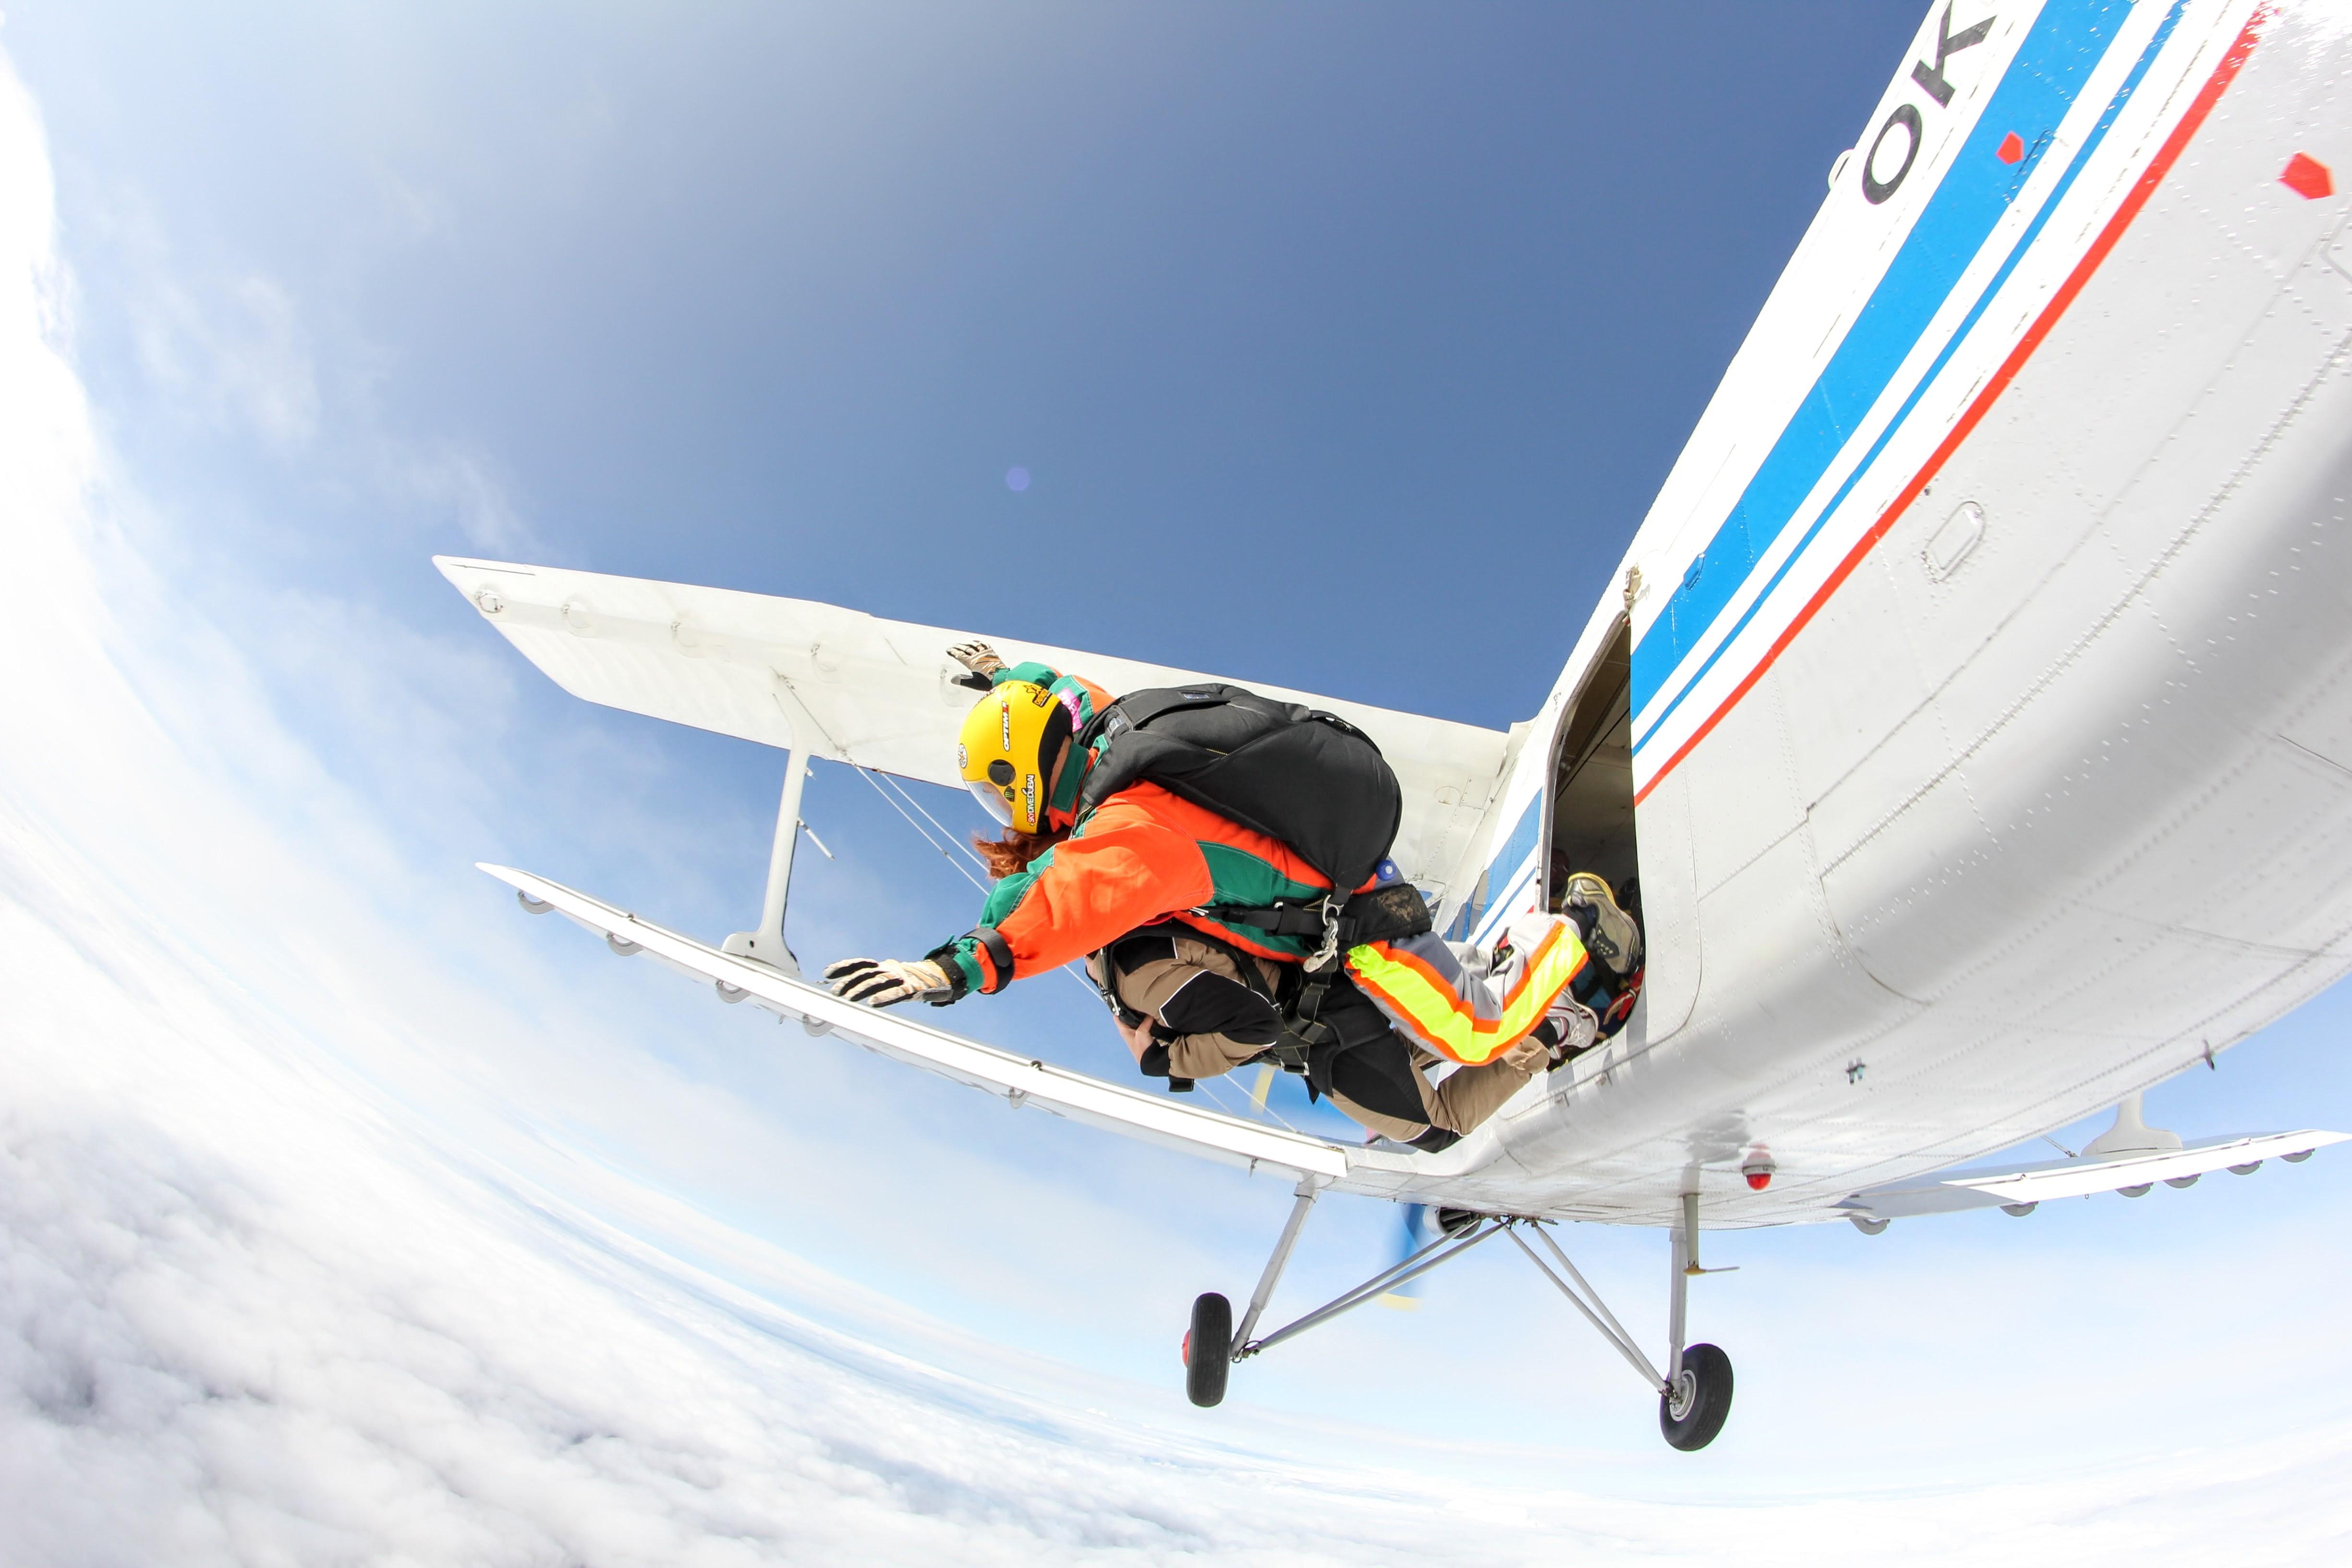 Výskok z An-2 👈